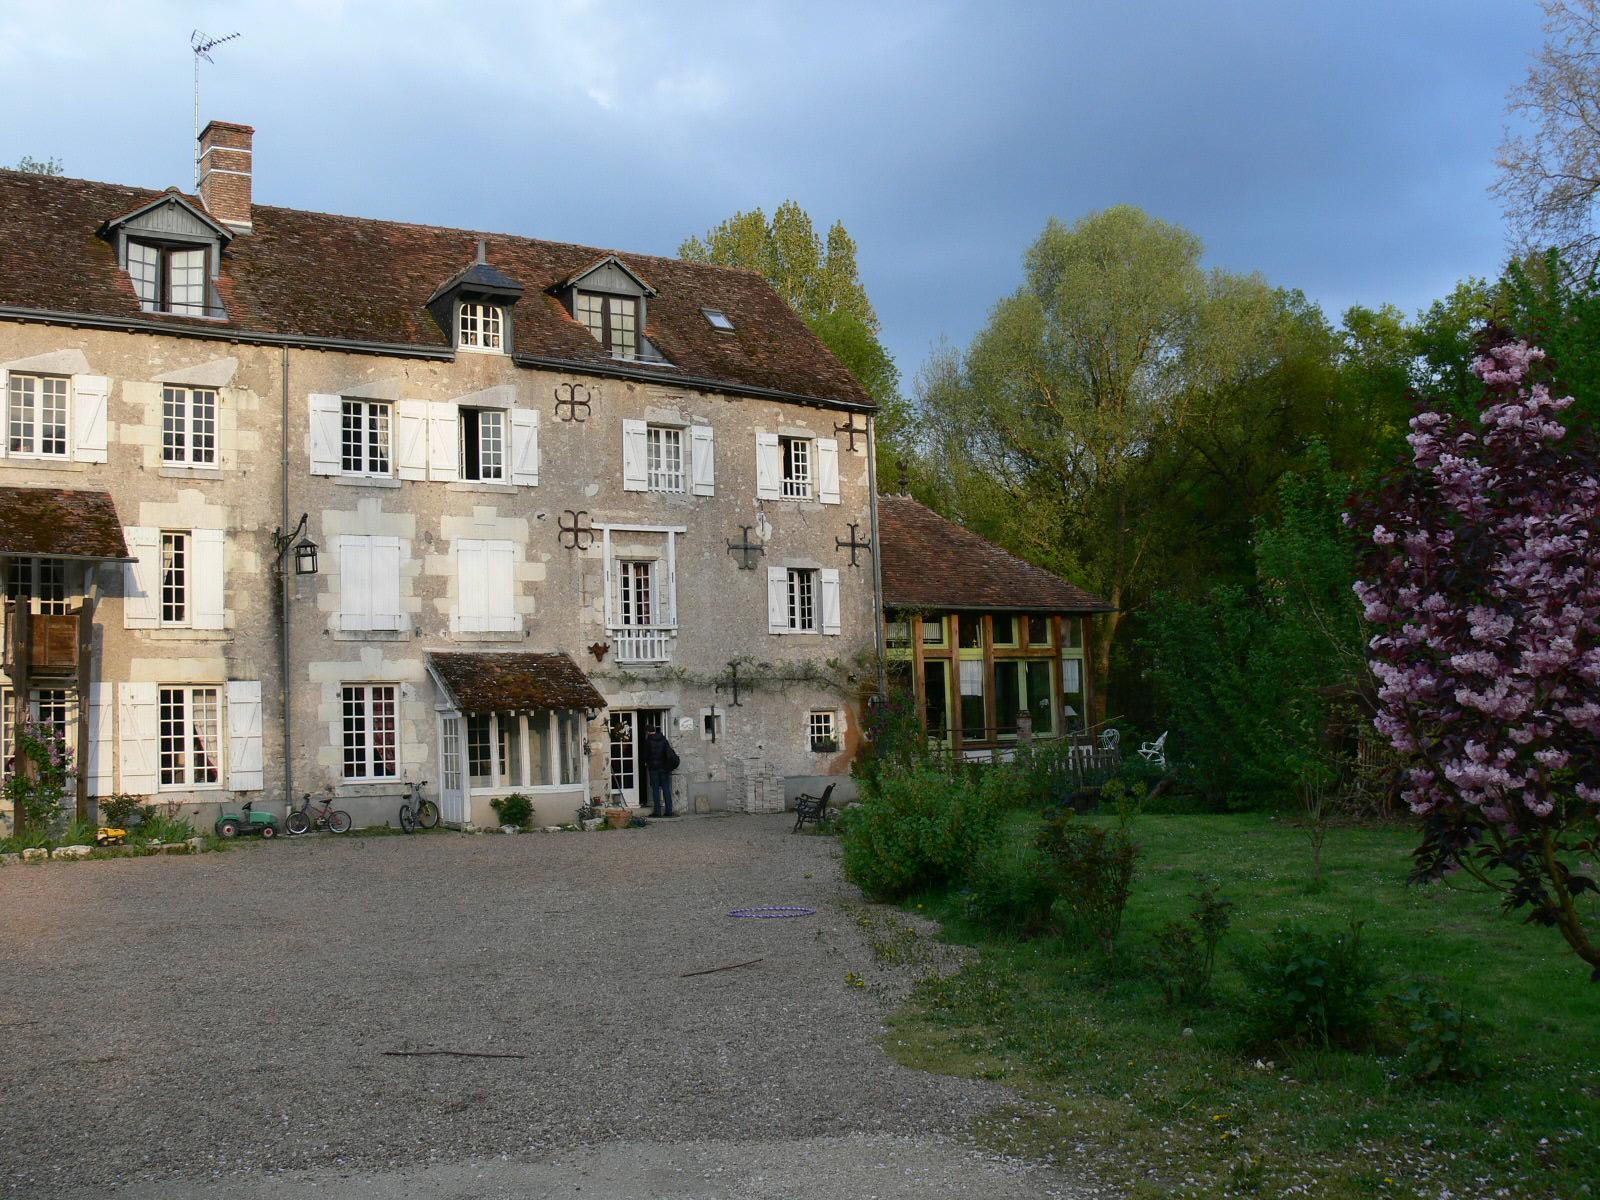 Kerékpáros a romantika a kastélyok birodalmában, a Loire-völgyben. Könnyű, ám igen látványos kerékpártúra vár rád, ha velünk tartasz. Kezdő- és családi bringásokat is szeretettel várunk. Kalandra fel!